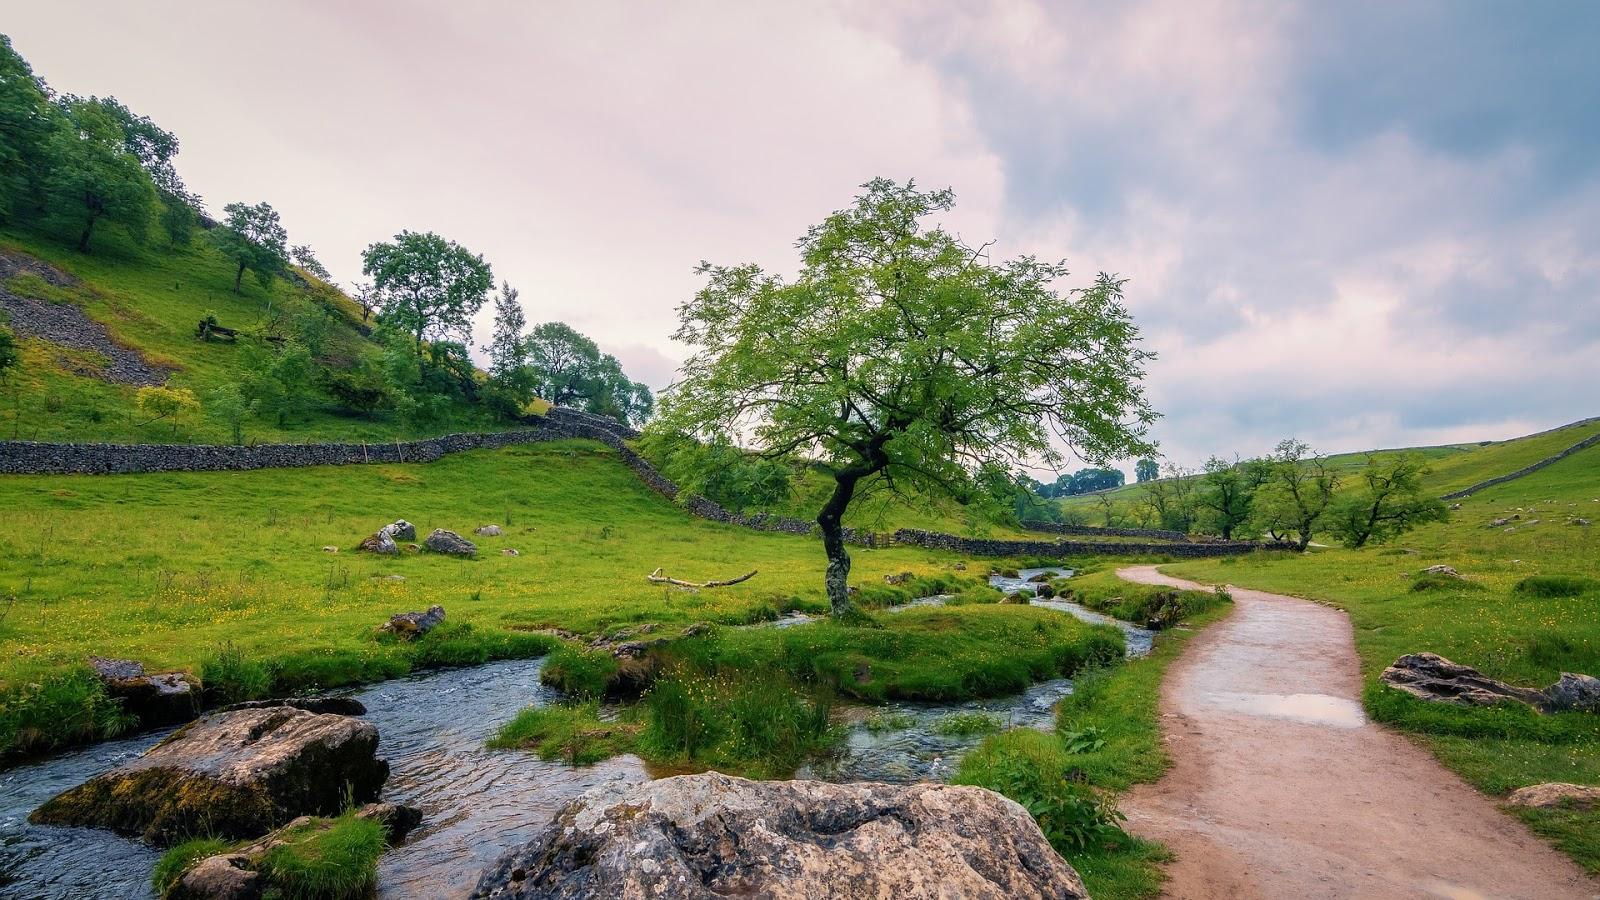 75 gambar foto lukisan pemandangan alam indah